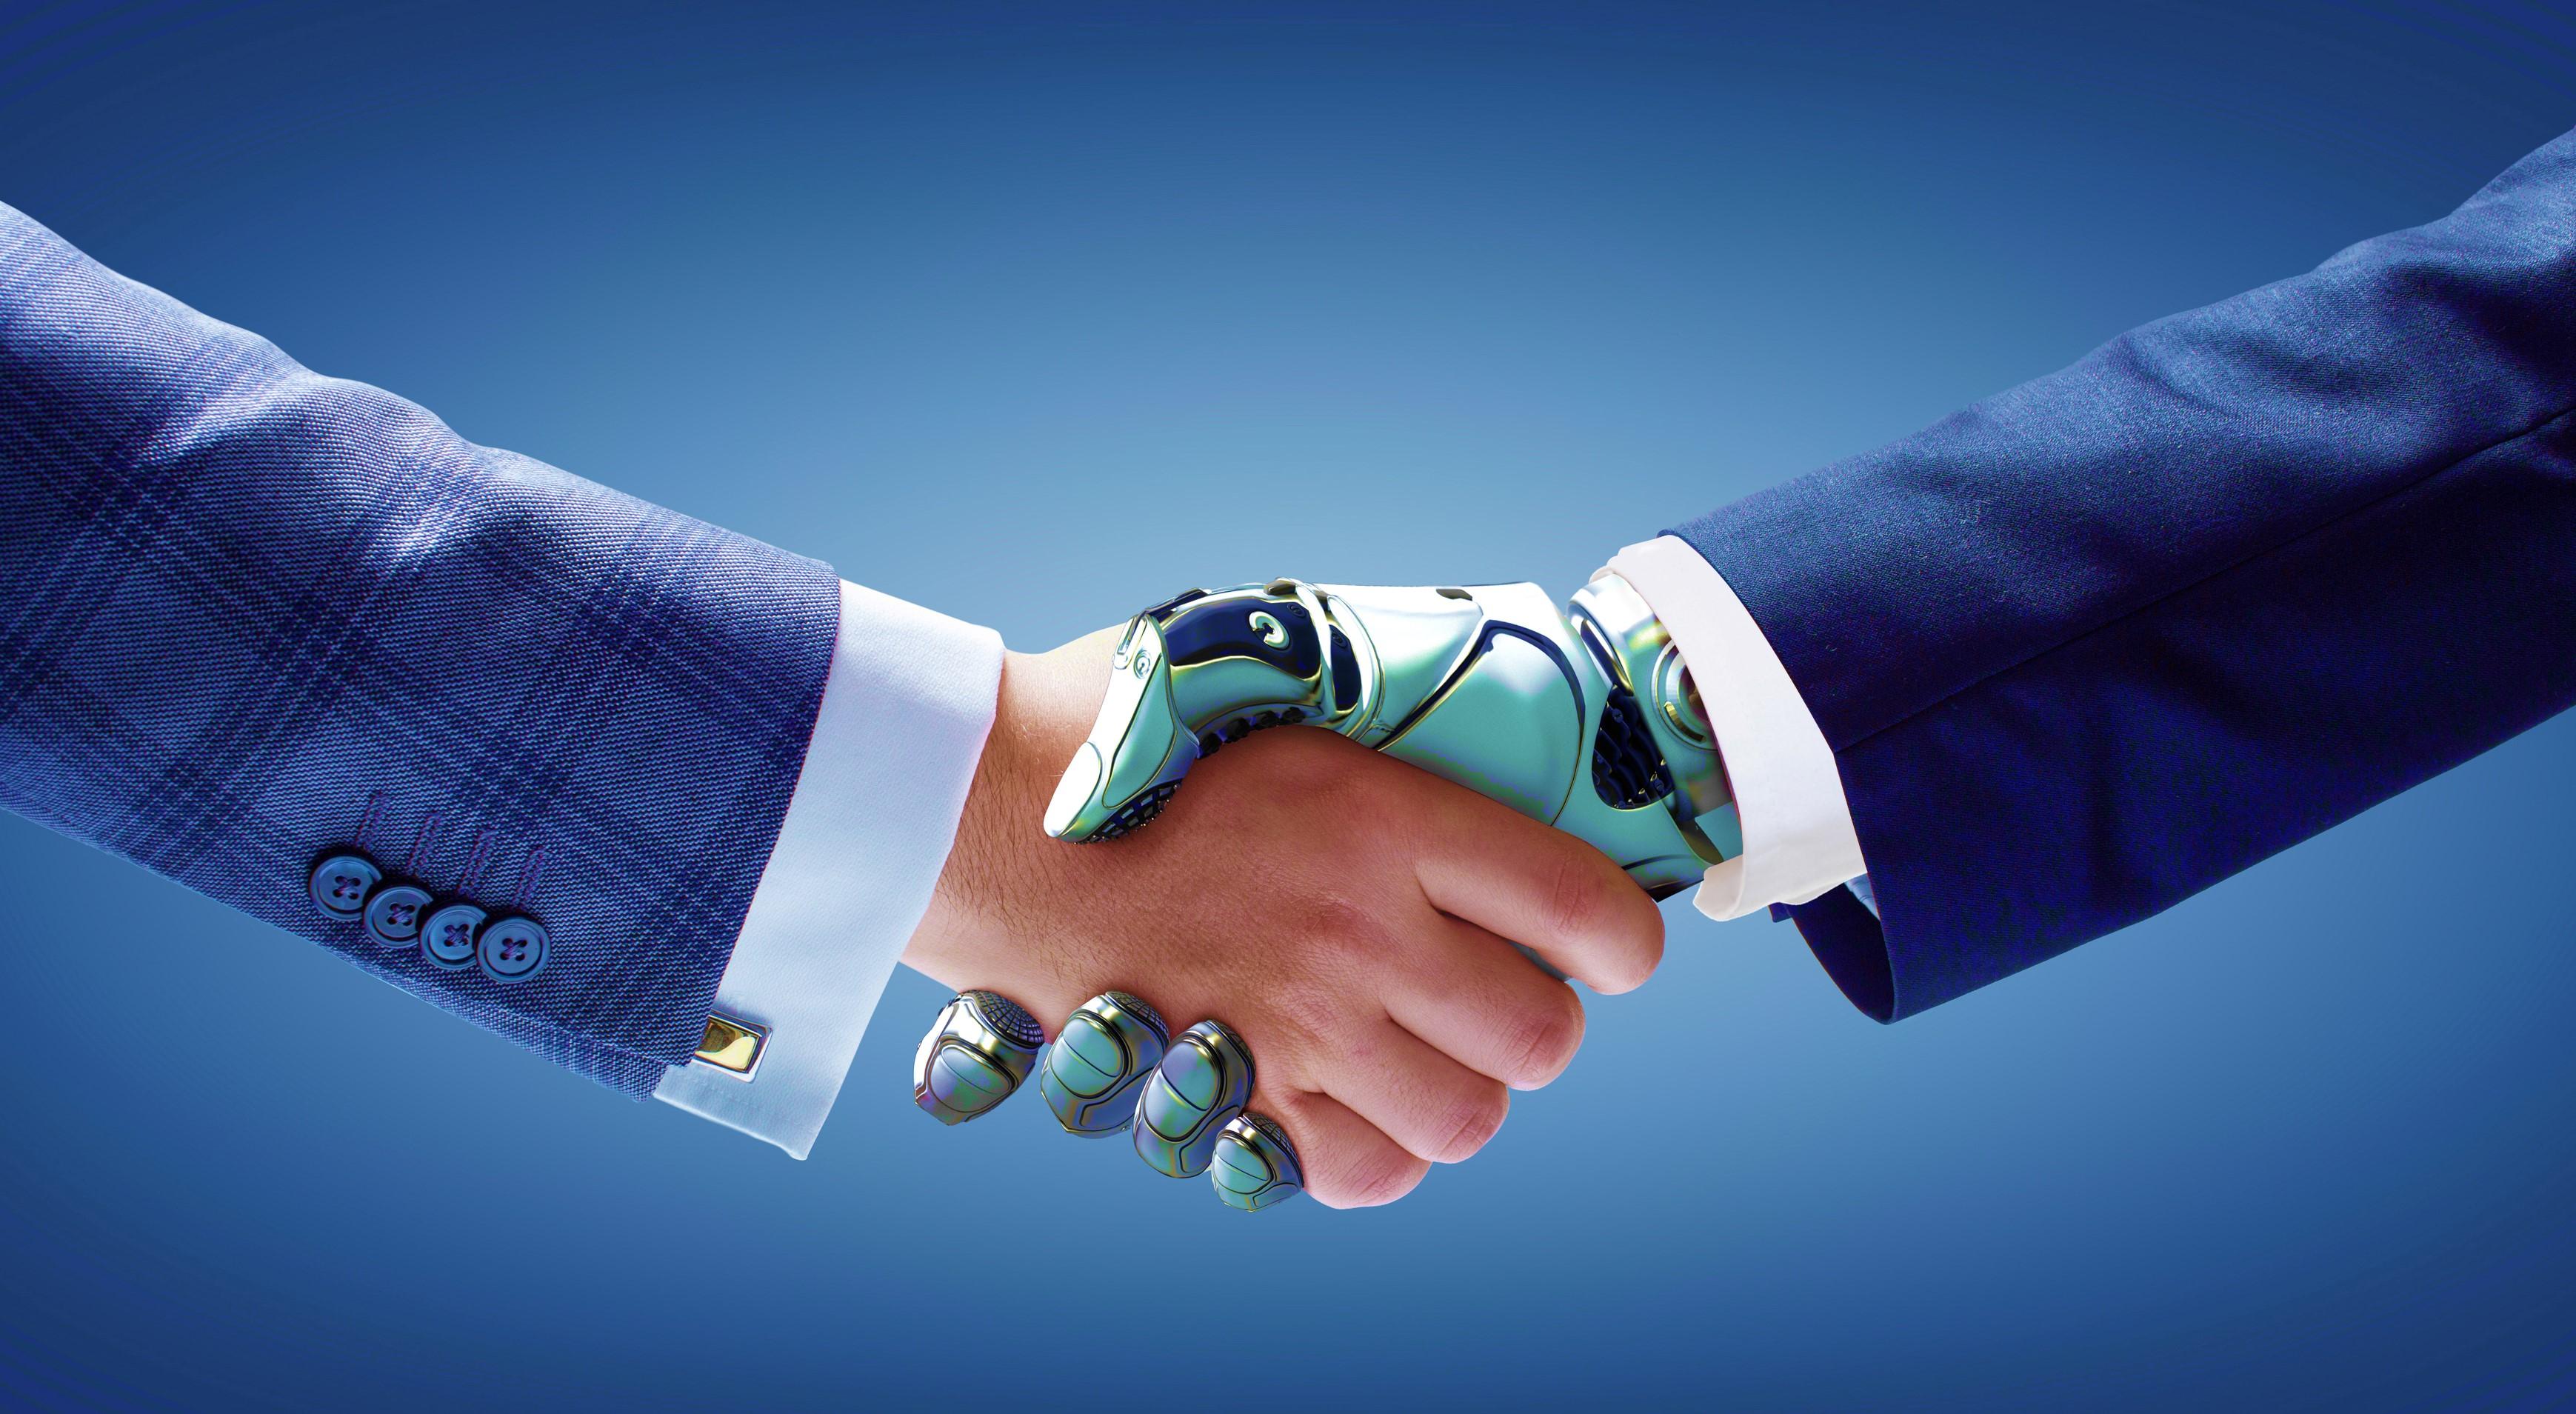 shake_hand_robot